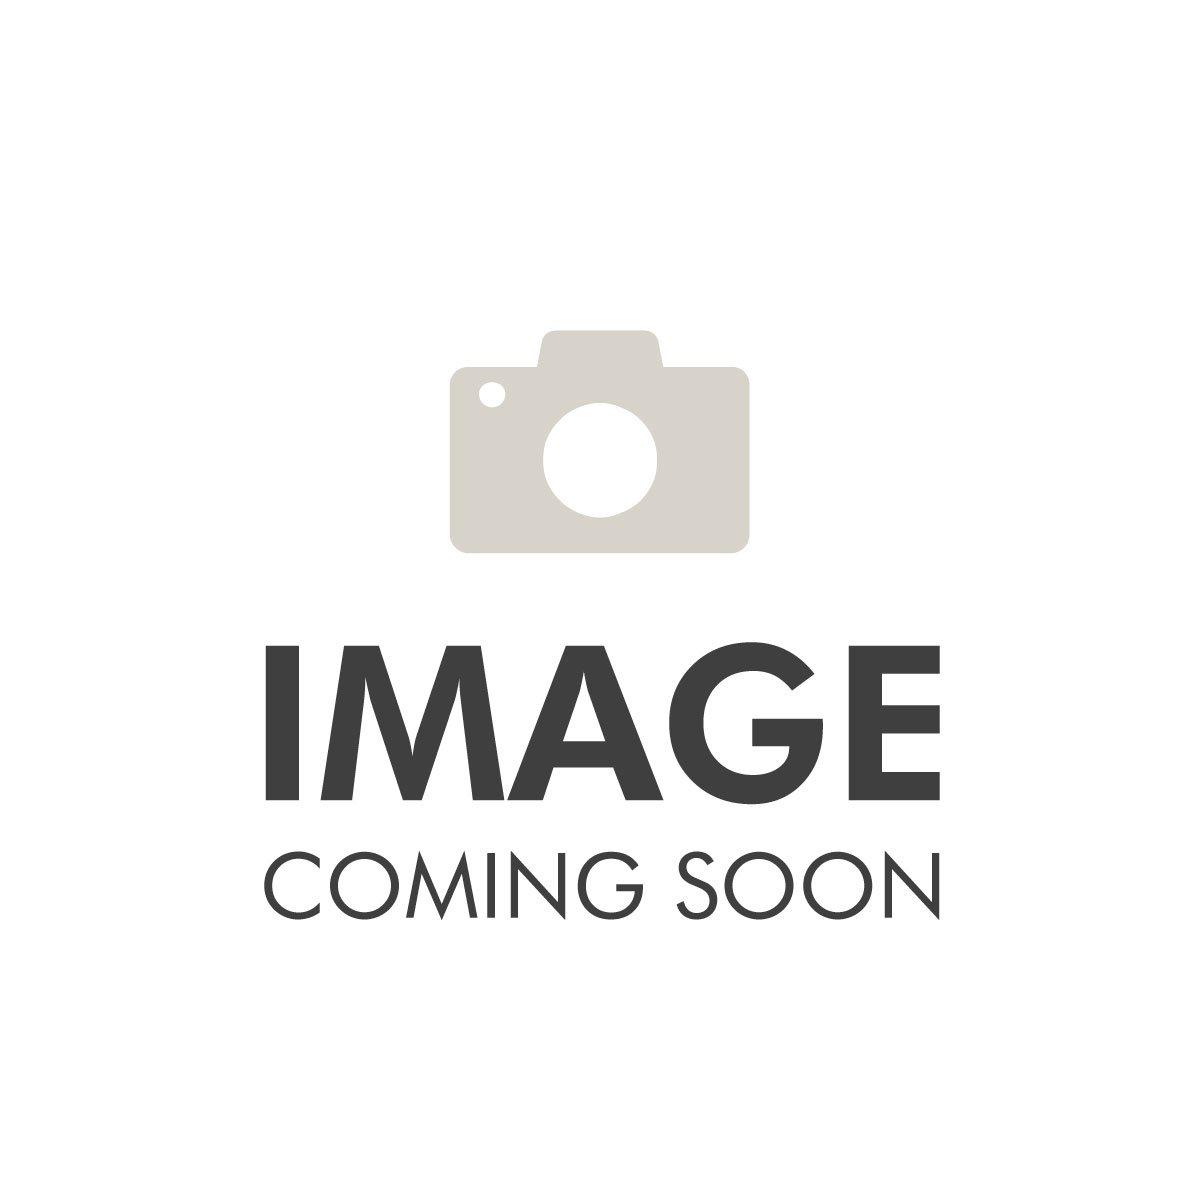 Giorgio Armani Acqua di Gio for Men 30ml EDT Spray